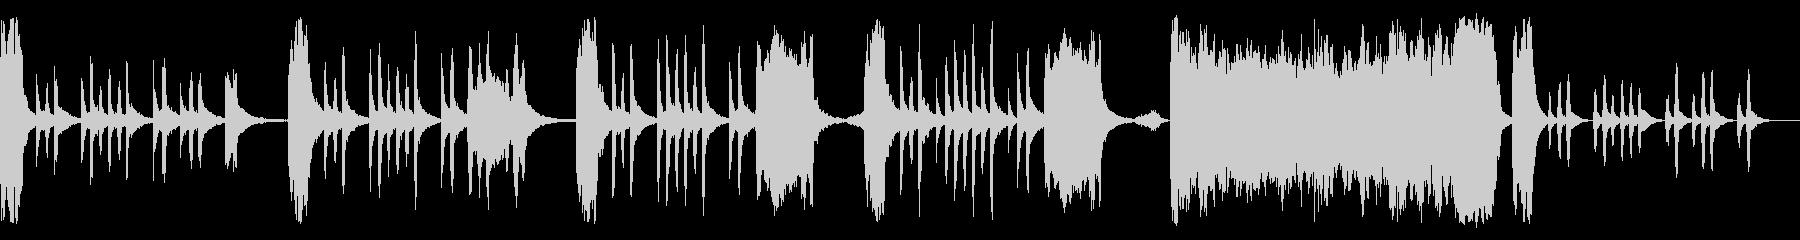 コミカルファンタジーの変人 ループ仕様の未再生の波形